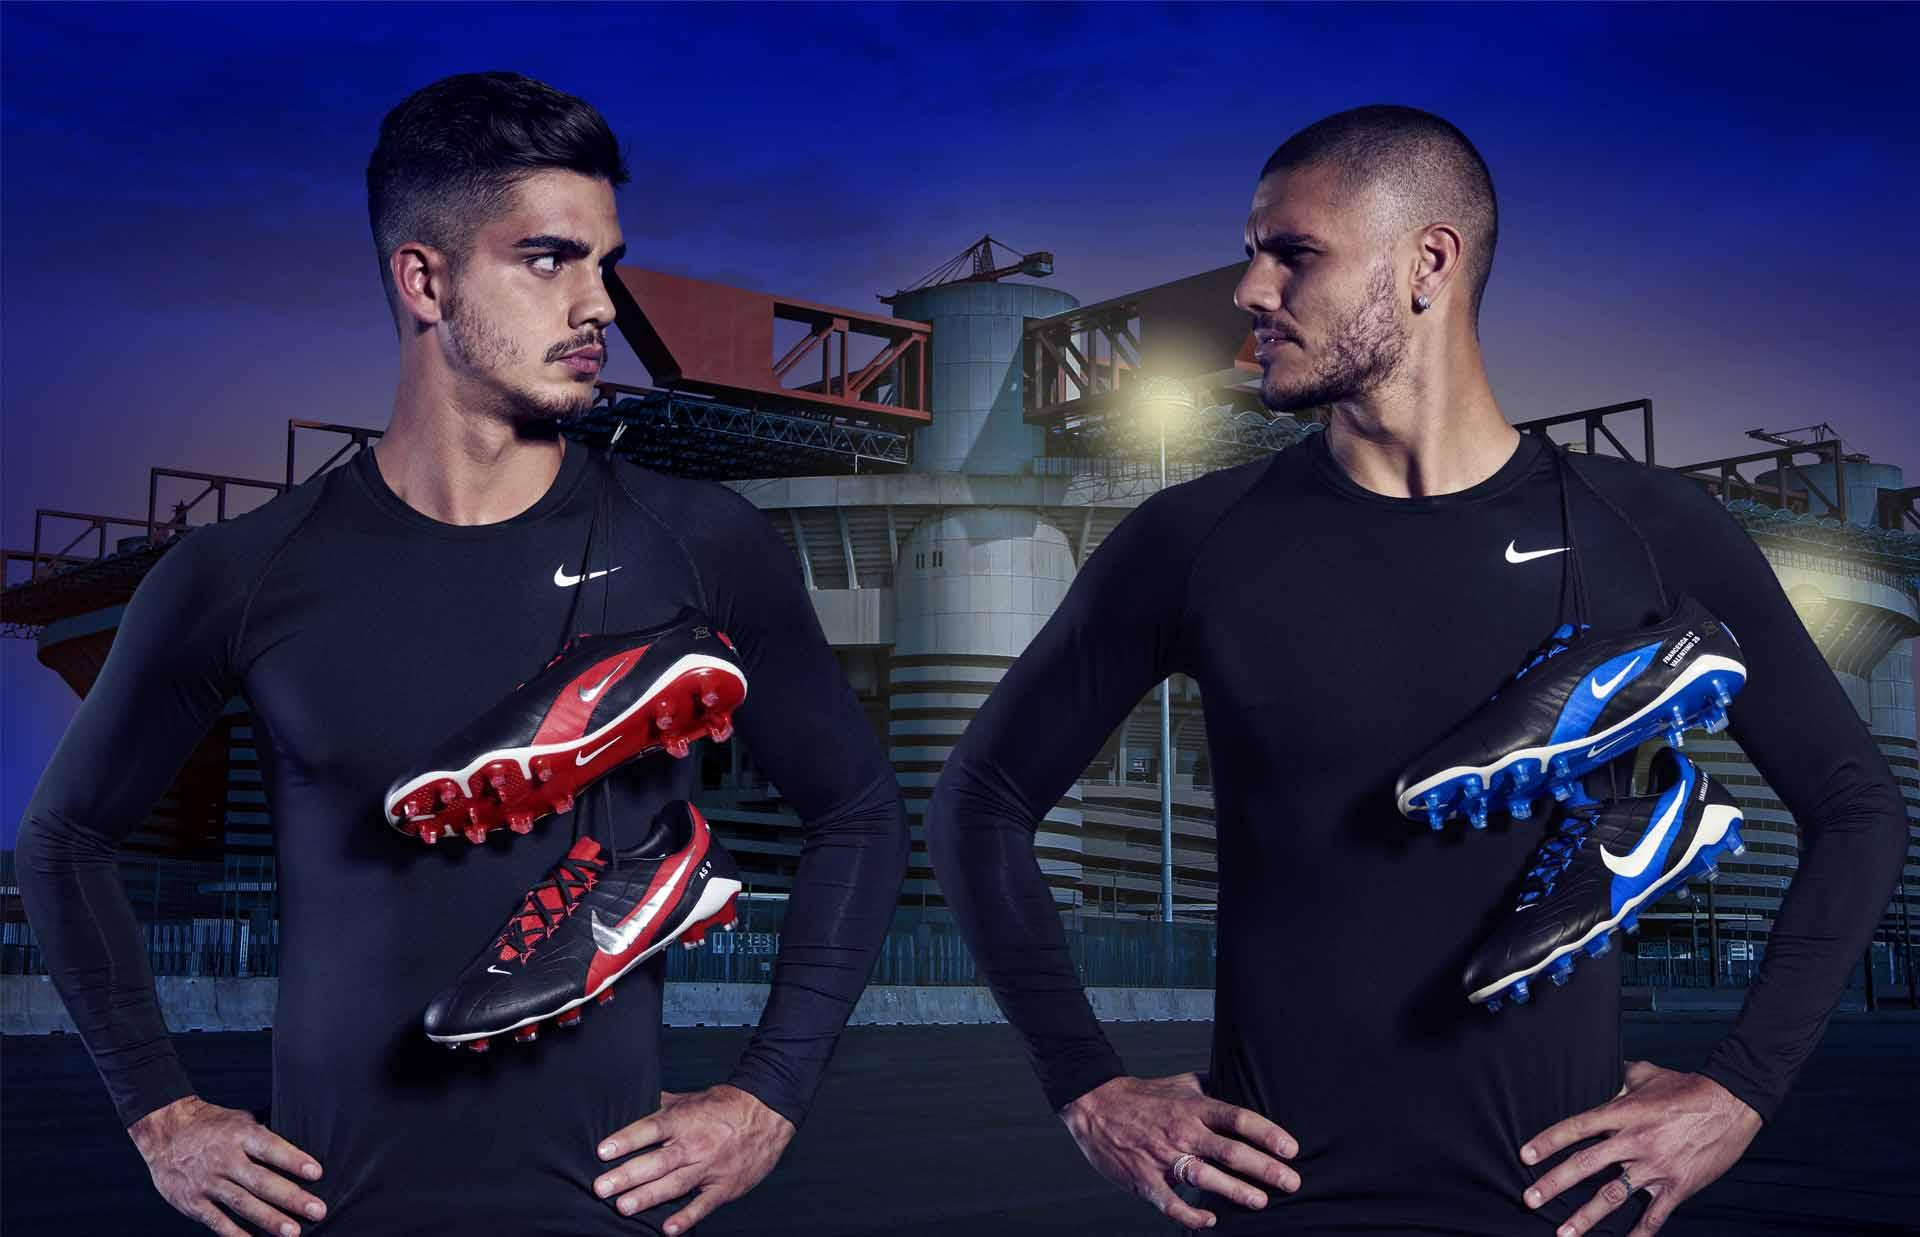 Les Nike Hypervenom GX seront portées par par les joueurs Mauro Icardi(Inter Milan) etAndré Silva(Milan AC)